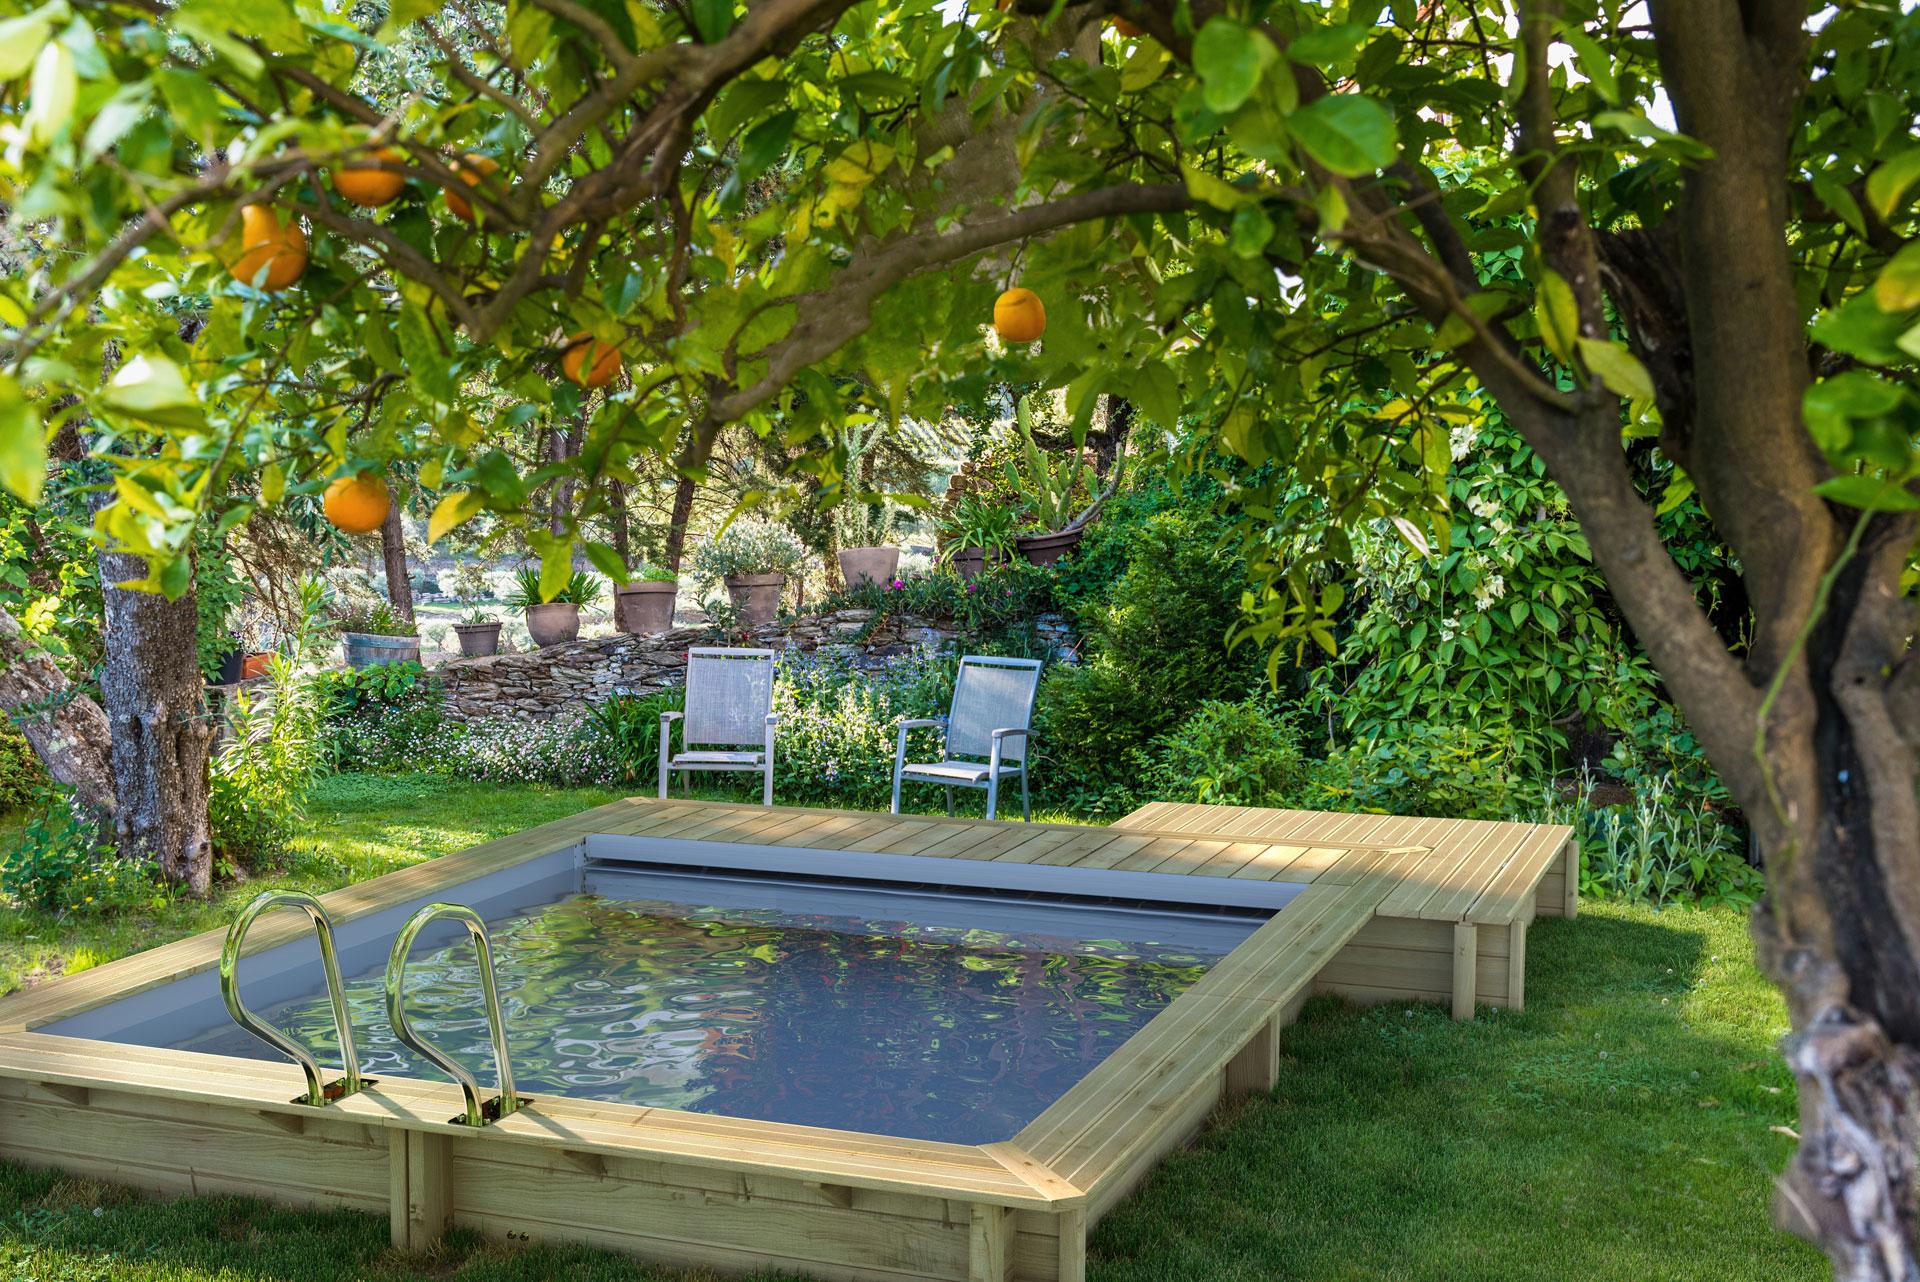 Bassin Pour Petit Jardin - Canalcncarauca dedans Petit Bassin Pour Jardin